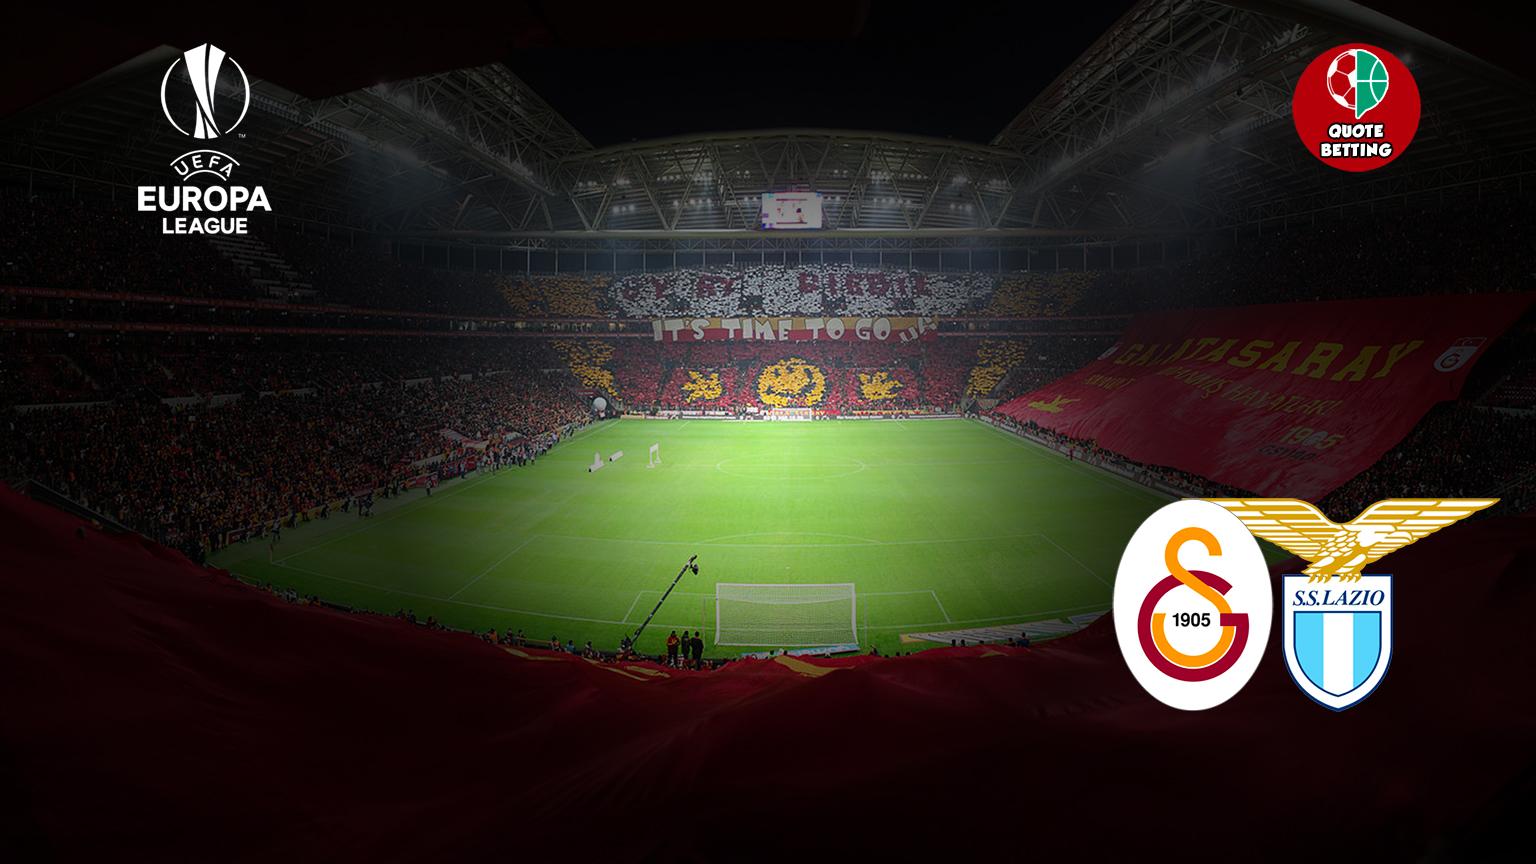 QUOTE galatasaray lazio tempat untuk melihat di TV prediksi formasi peluang sepak bola liga europa UEL